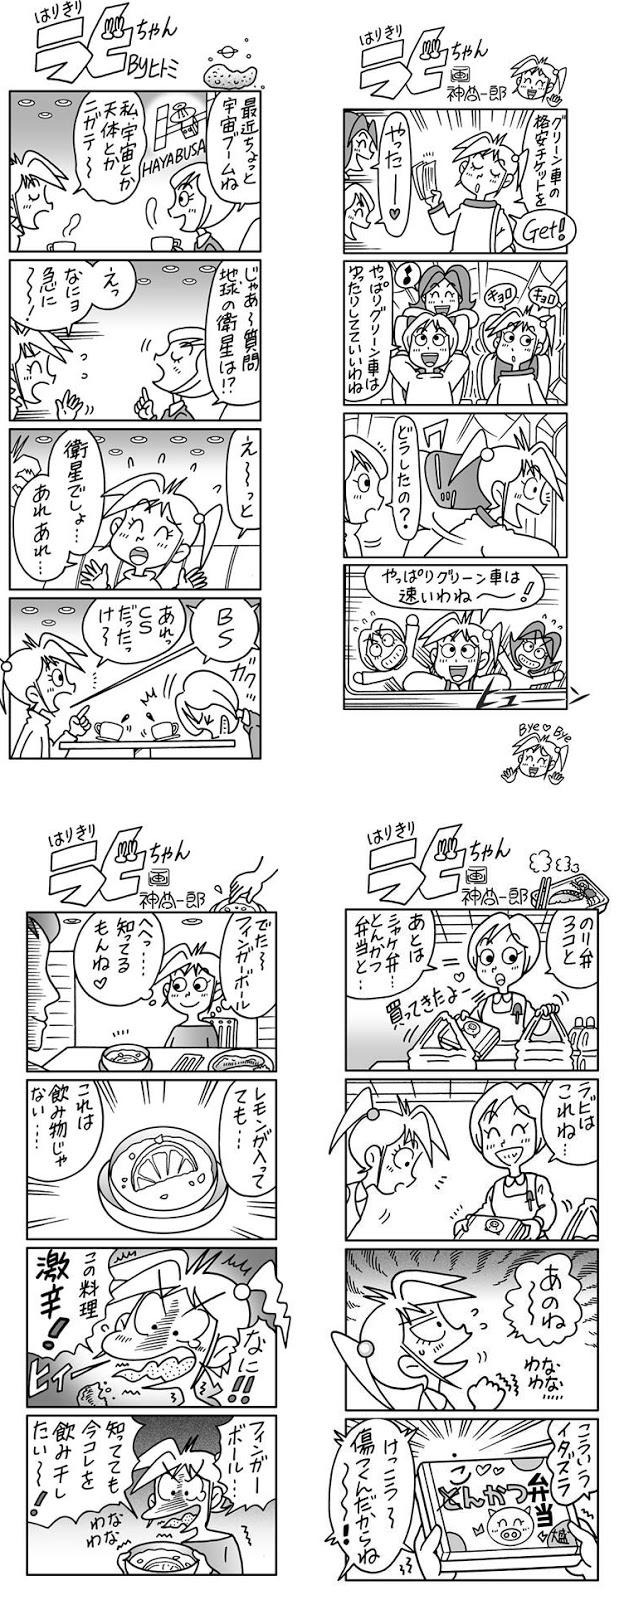 神谷一郎、イラスト制作、イラストレーター、漫画家、4コマ漫画